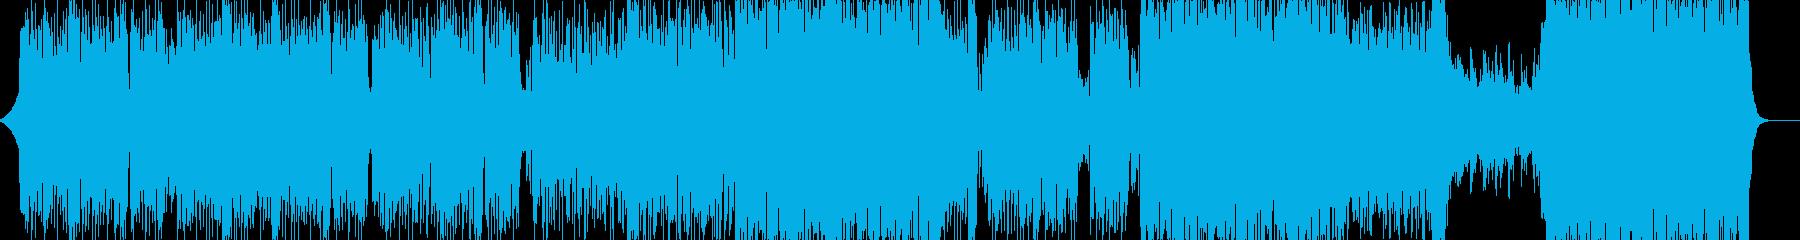 シンセベースの音が心地よいテクノの再生済みの波形